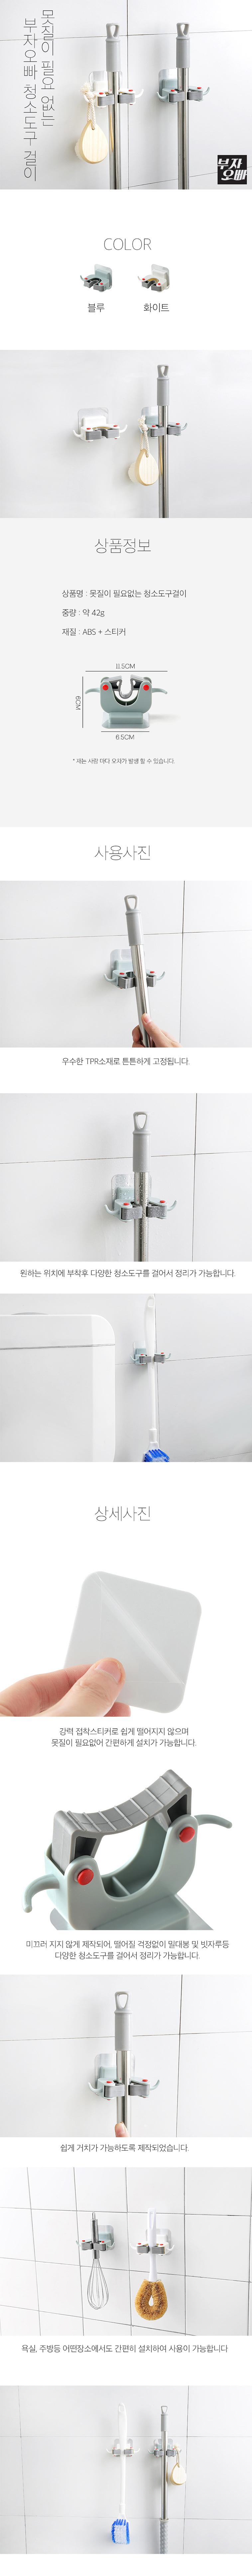 구석구석 와이드 바닥청소솔 - 부자오빠, 12,900원, 청소도구, 청소솔